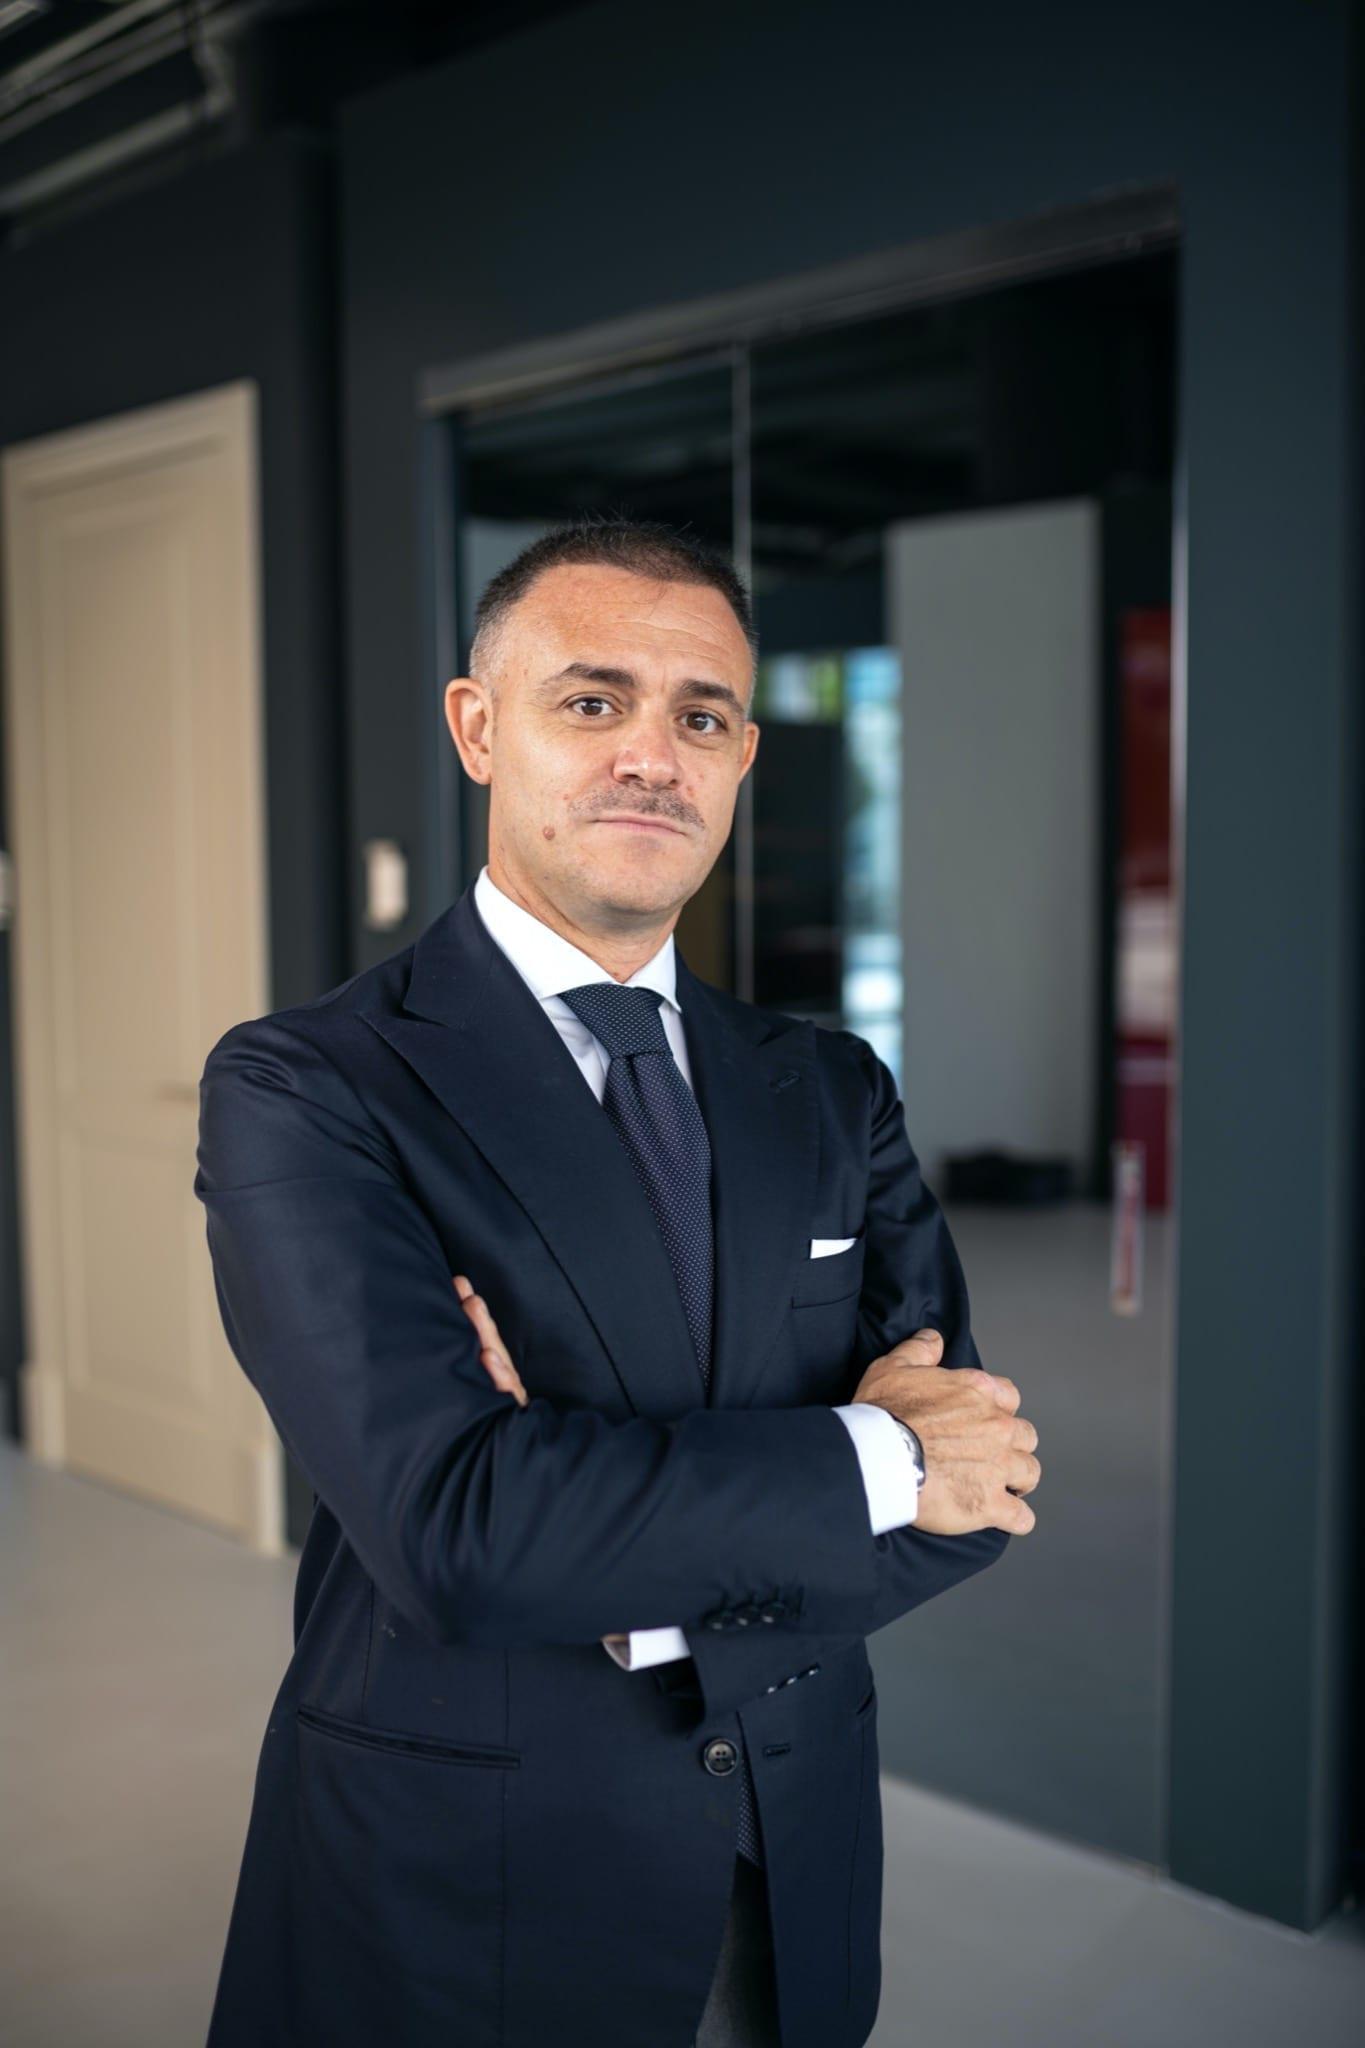 """DSC6384 copy - Francesco Curcio, director general Pinum Doors & Windows: """"Ne-am propus să devenim unul dintre liderii de pe piața tâmplăriei de PVC și aluminiu"""""""